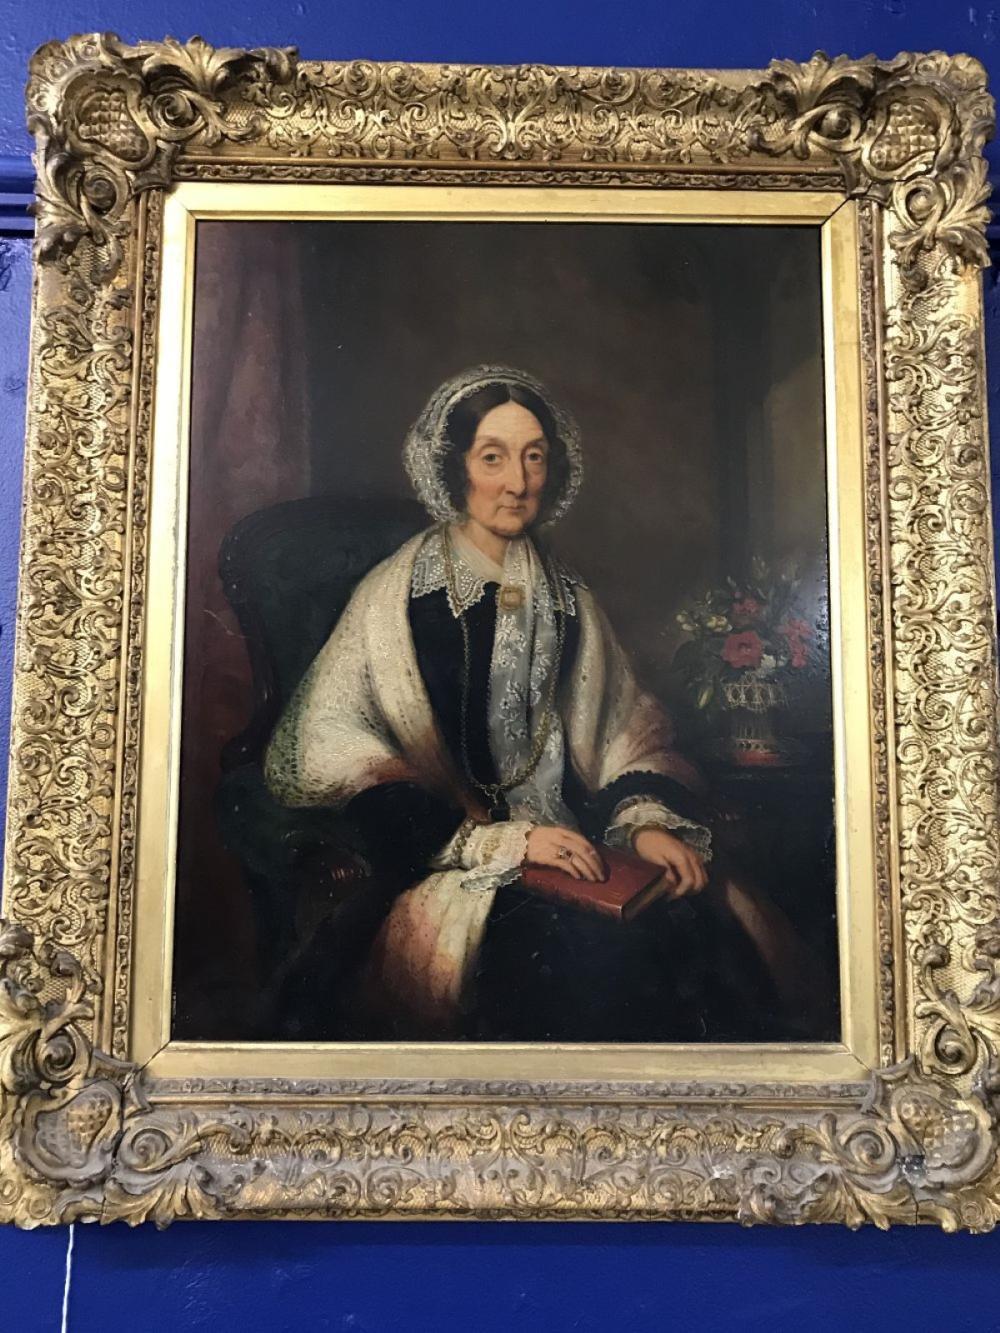 John Bridges: Oil on panel 'woman in black dress, lace bonnet and a shawl', signed Bridges 1853, R D